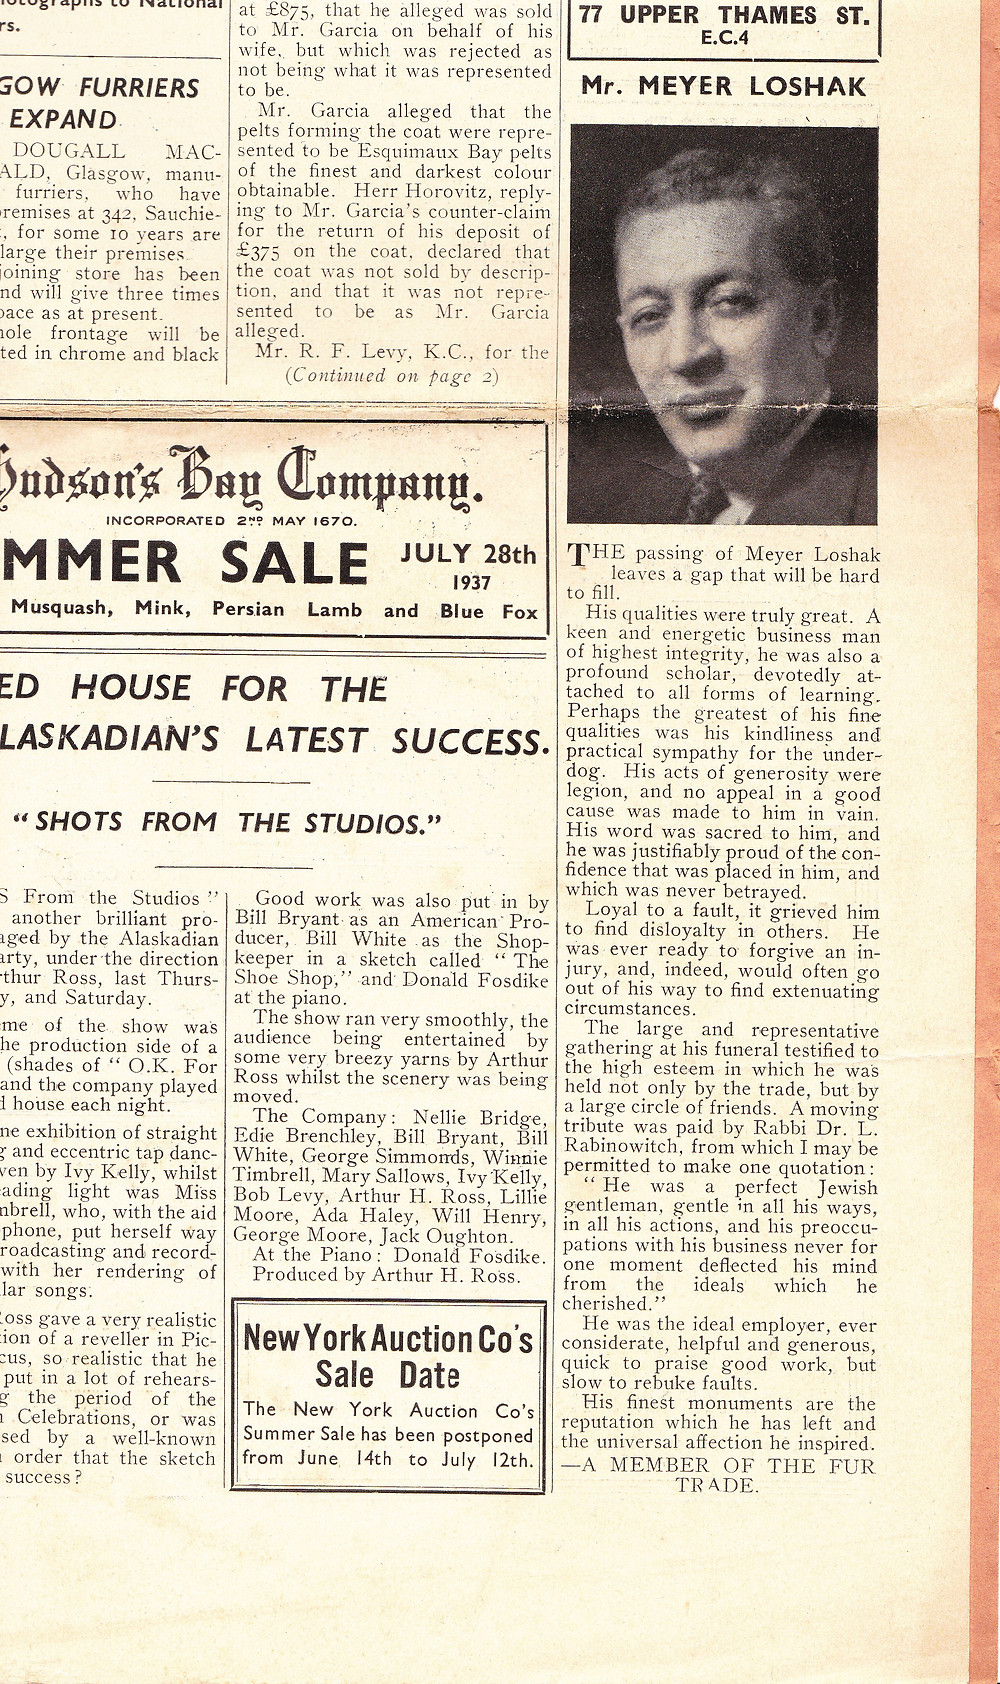 1937 Fur News article on Meyer Loshak.jpg